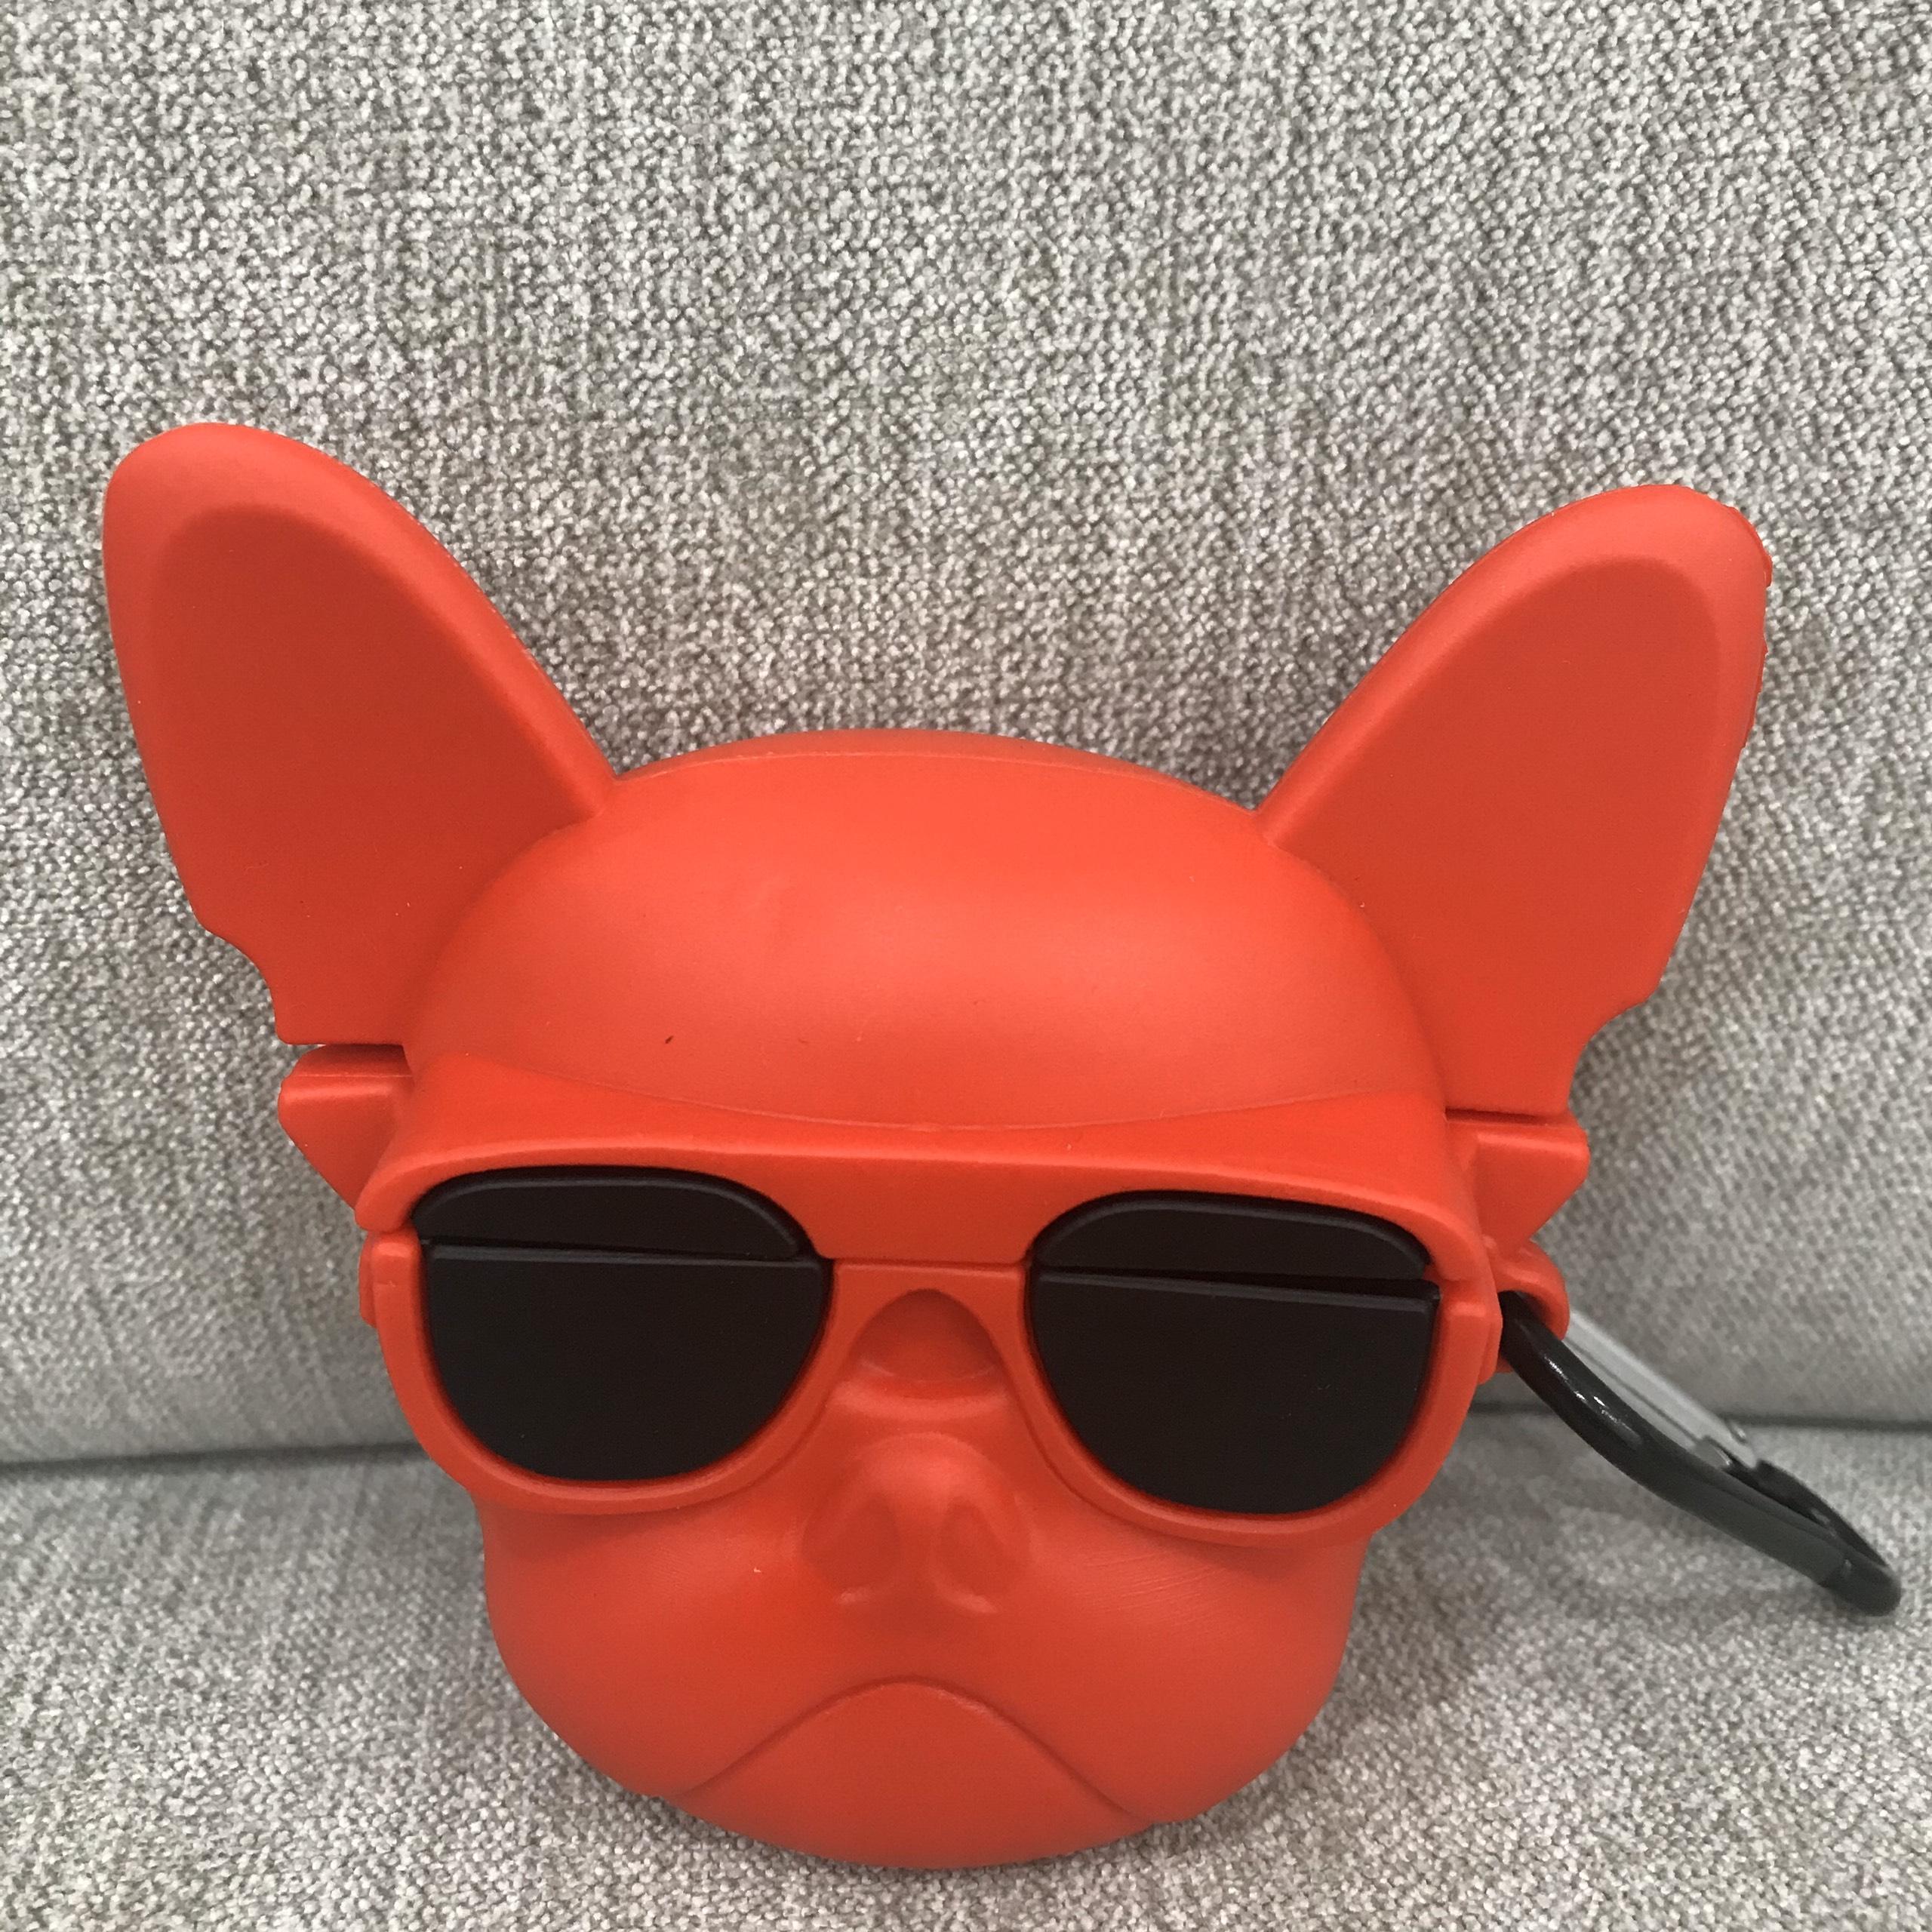 Case Airpods Pro Cao Cấp - Ốp Bảo Vệ Dành Cho Airpods Pro - Pull Dog Đỏ Đeo Kính Đen - Cool Ngầu